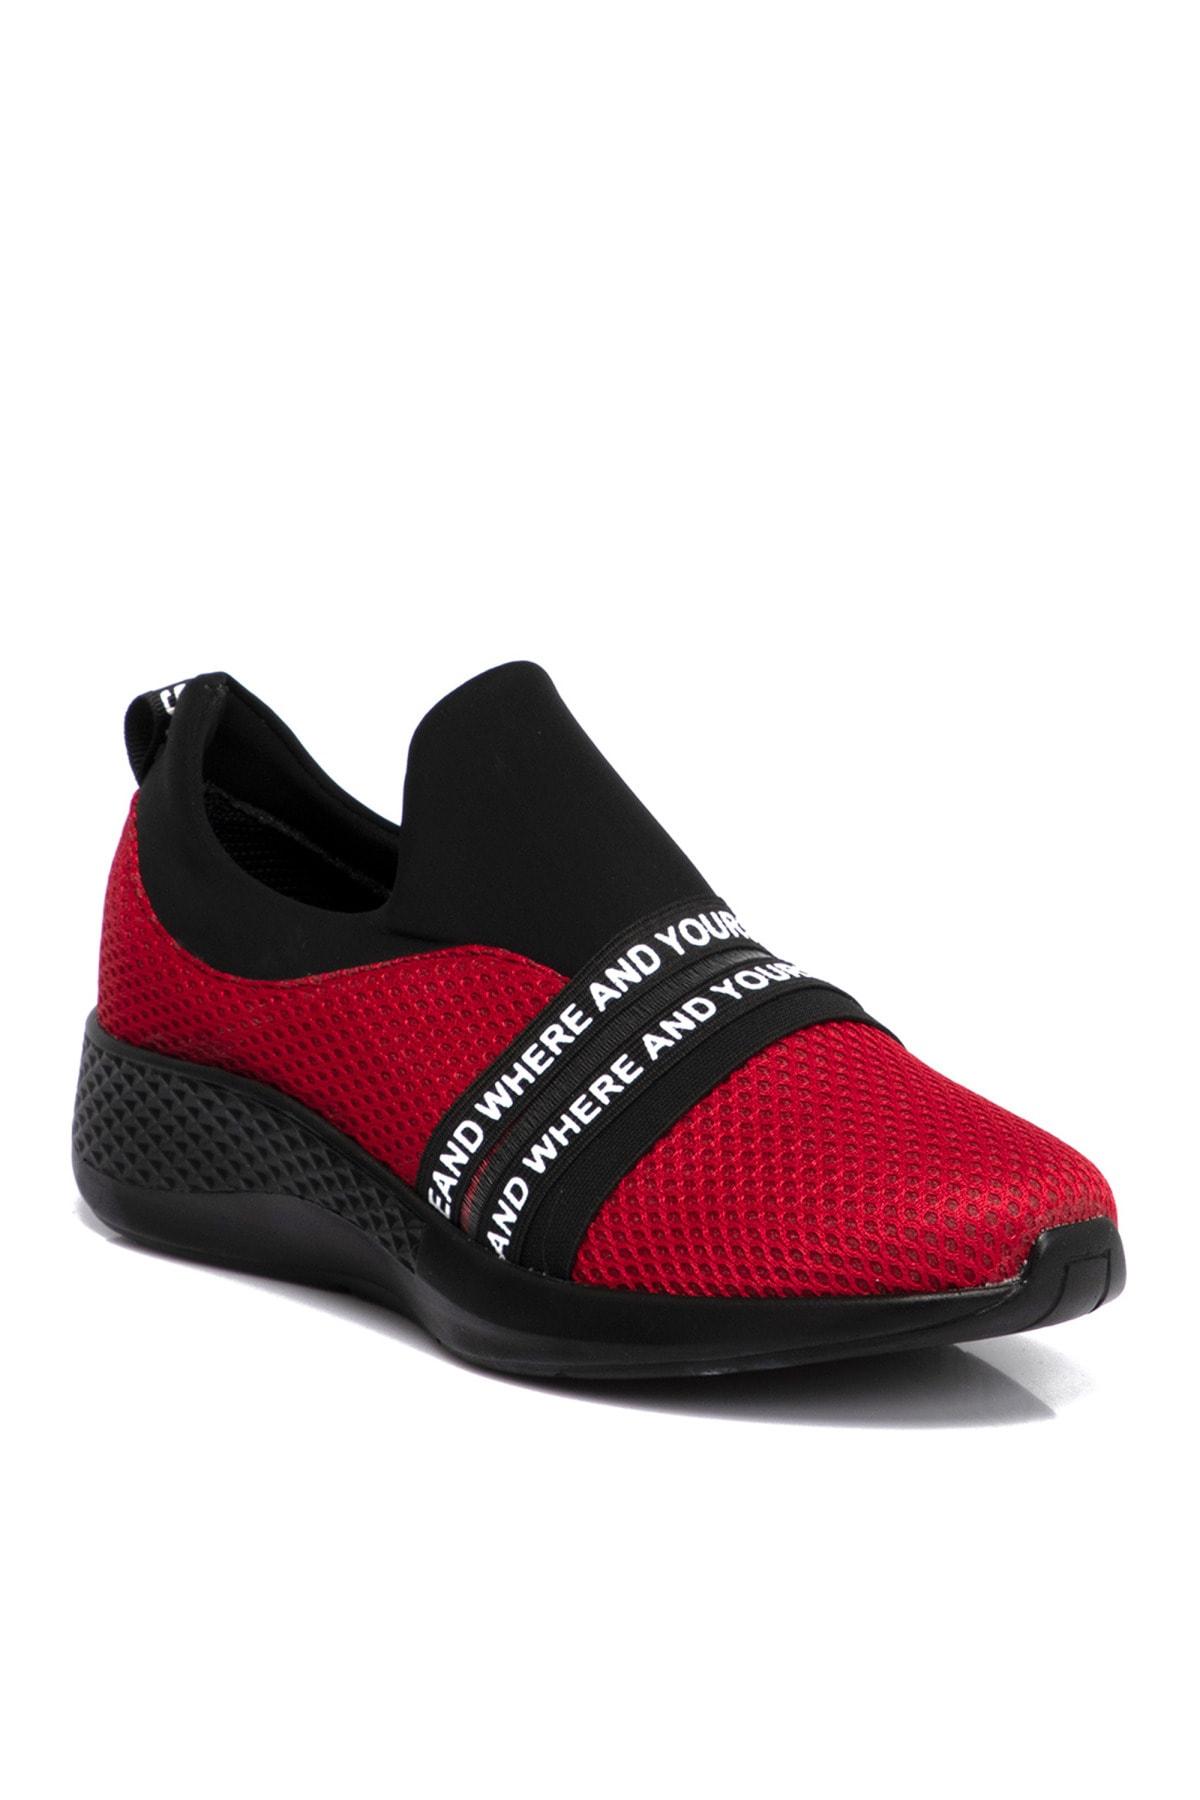 Kırmızı Tekstil Kadın Ayakkabı 210090d64